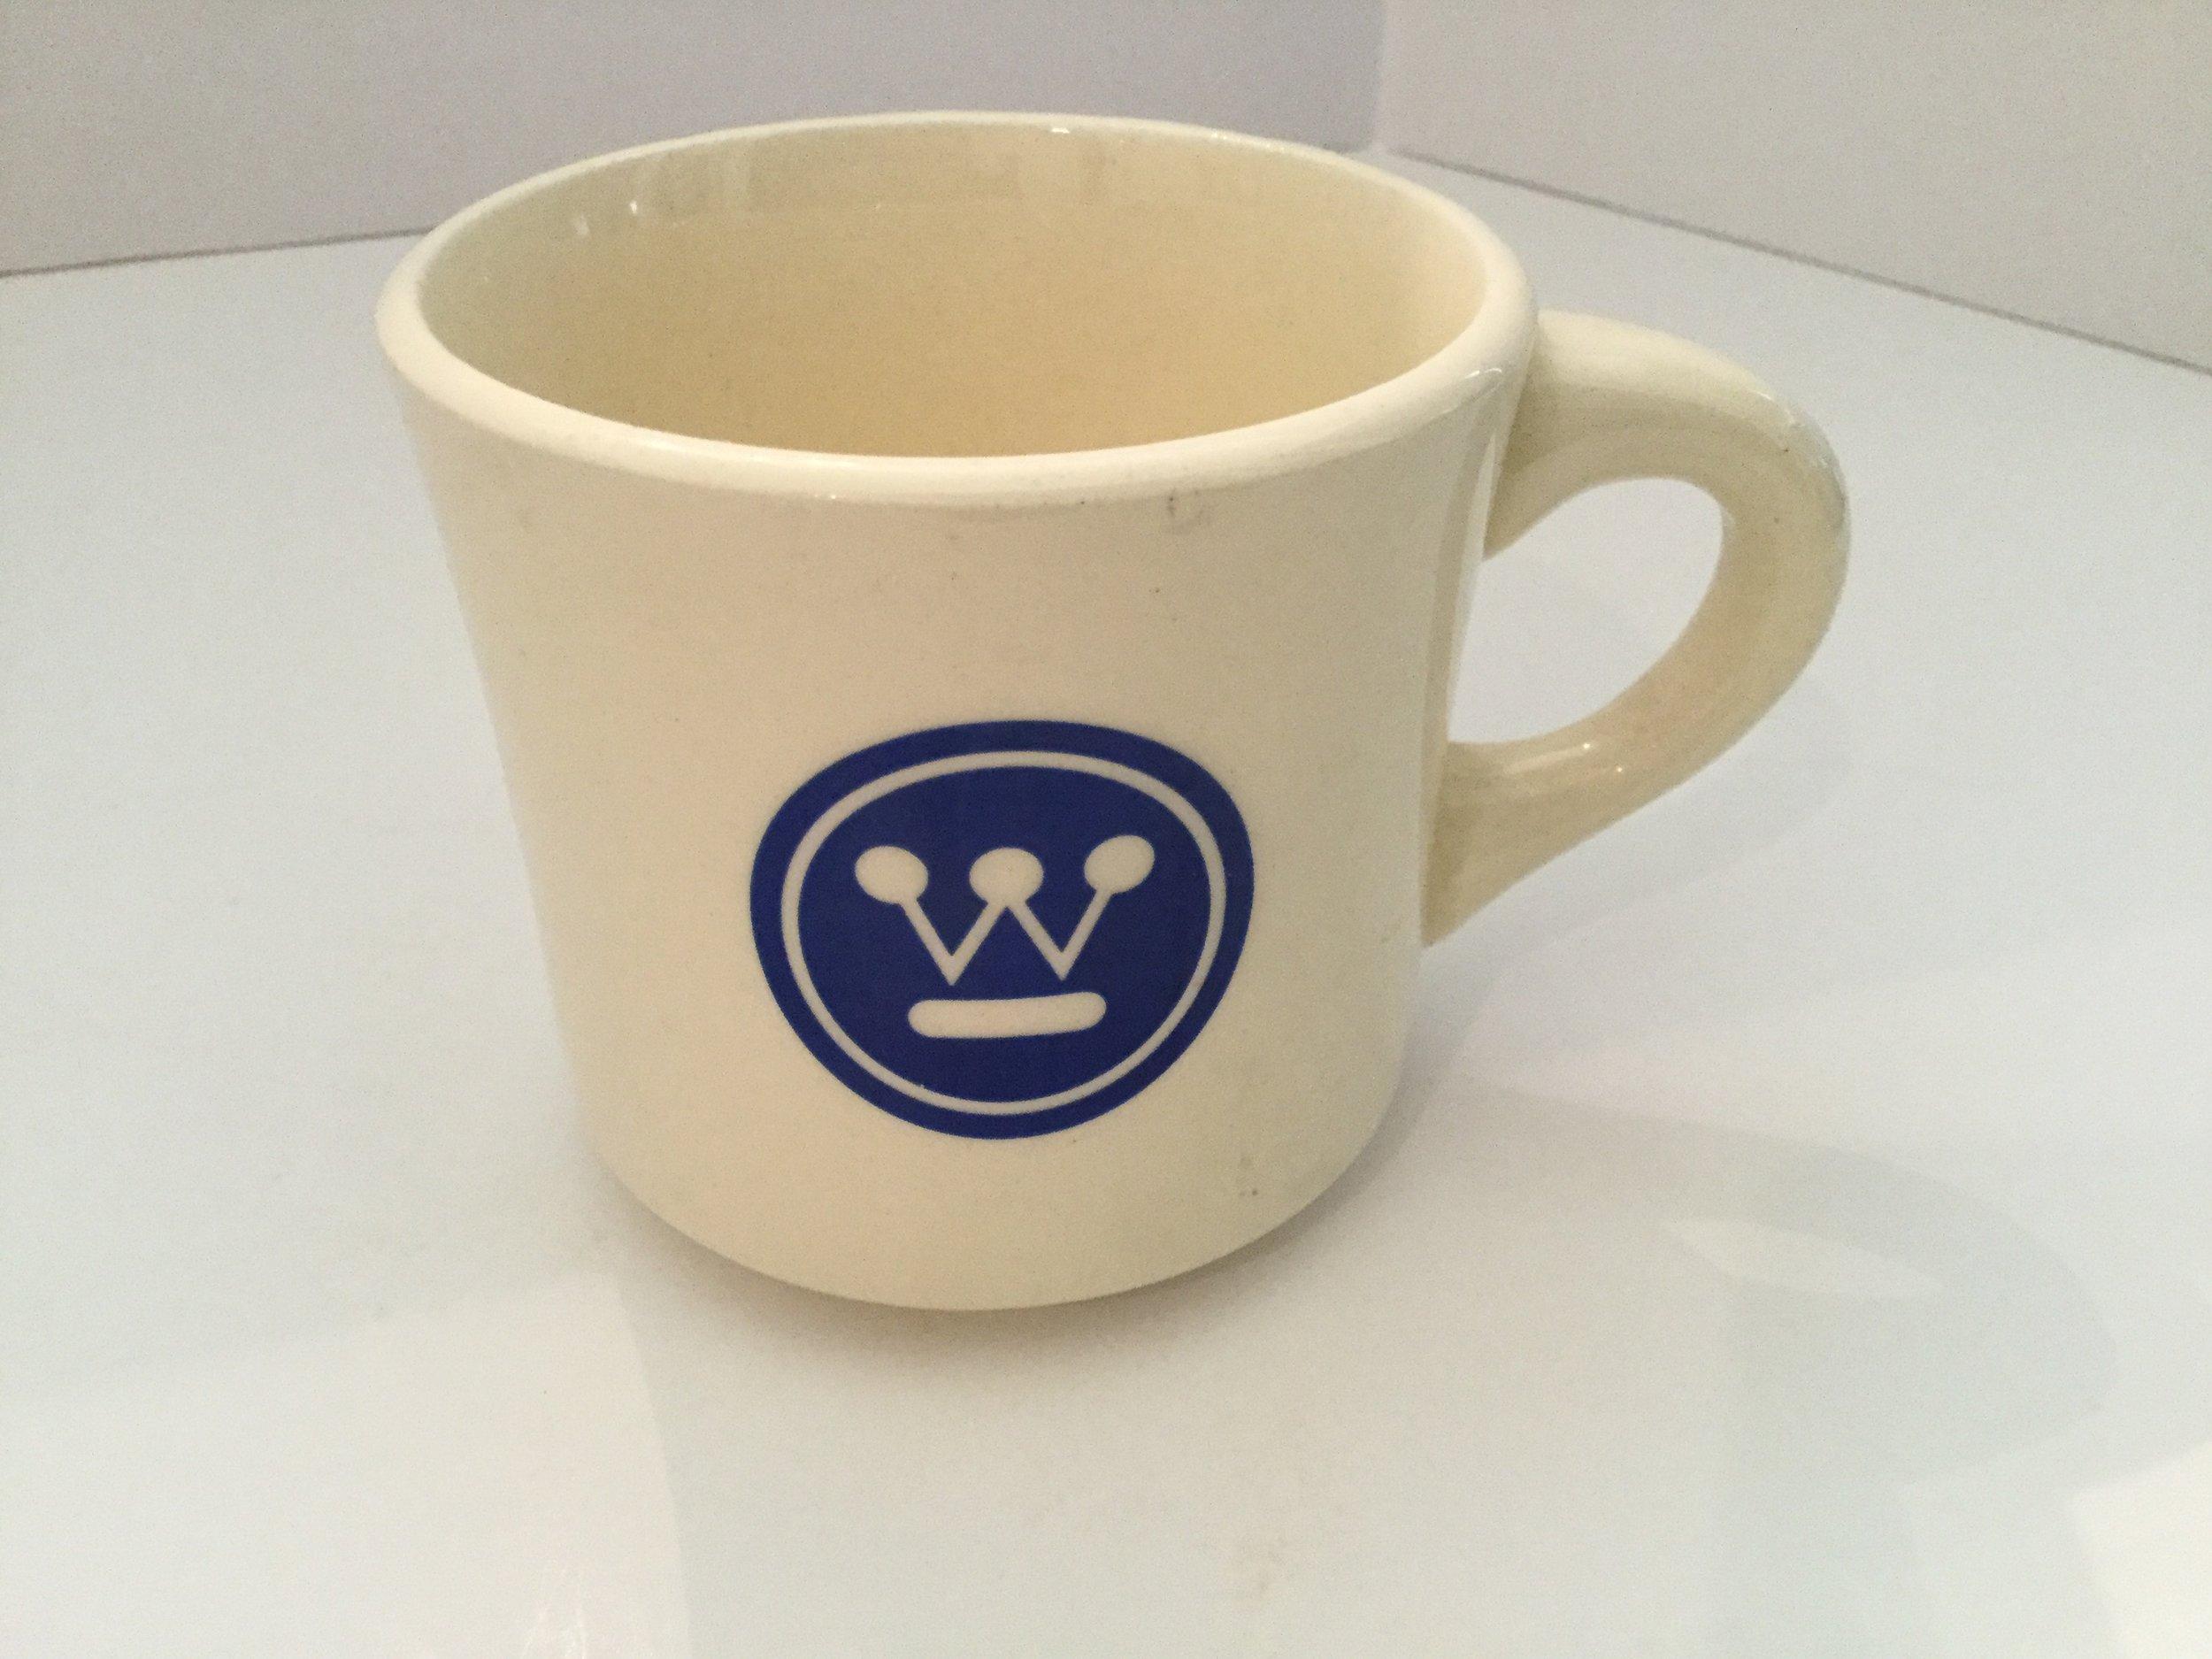 Dad's Westinghouse mug